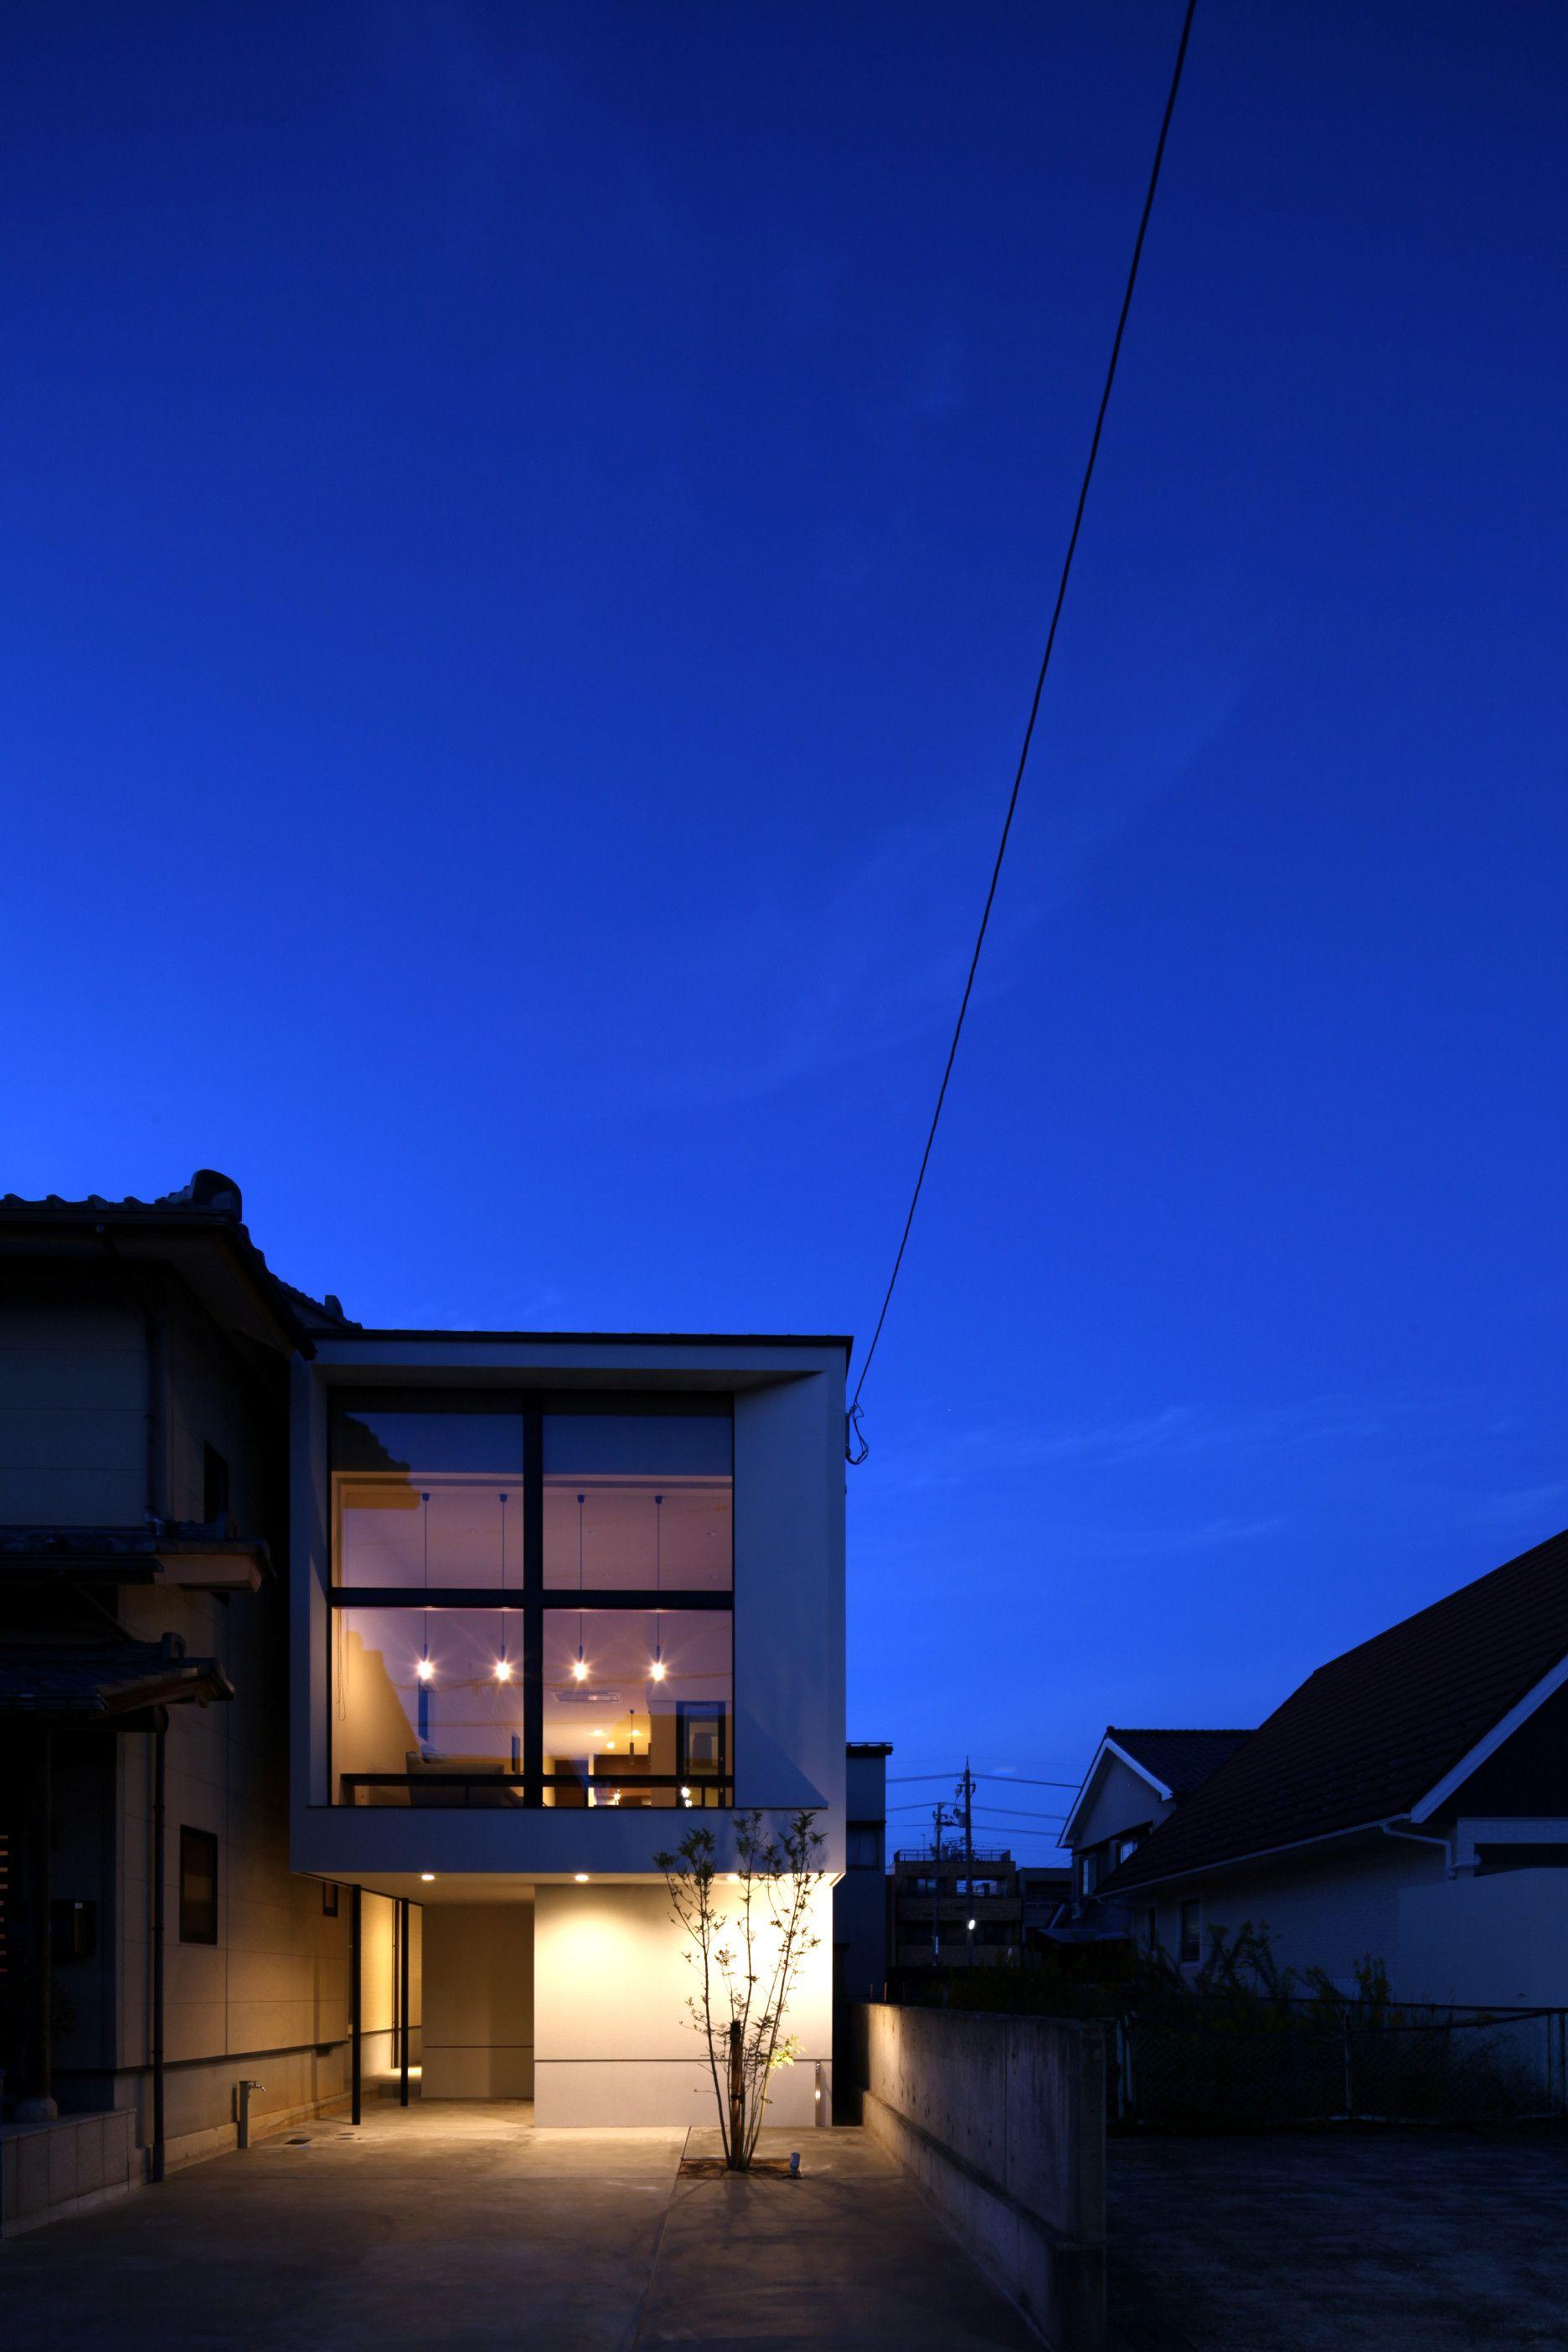 夜は リビングのペンダントライトと外部の照明が建物をより魅力的に見せてくれます 建築 住宅 外観 夜景 駐車場 ミニマル デザイン 照明 House Facade Architects Minimal Design Monotone Lighting ホームウェア 建物 家